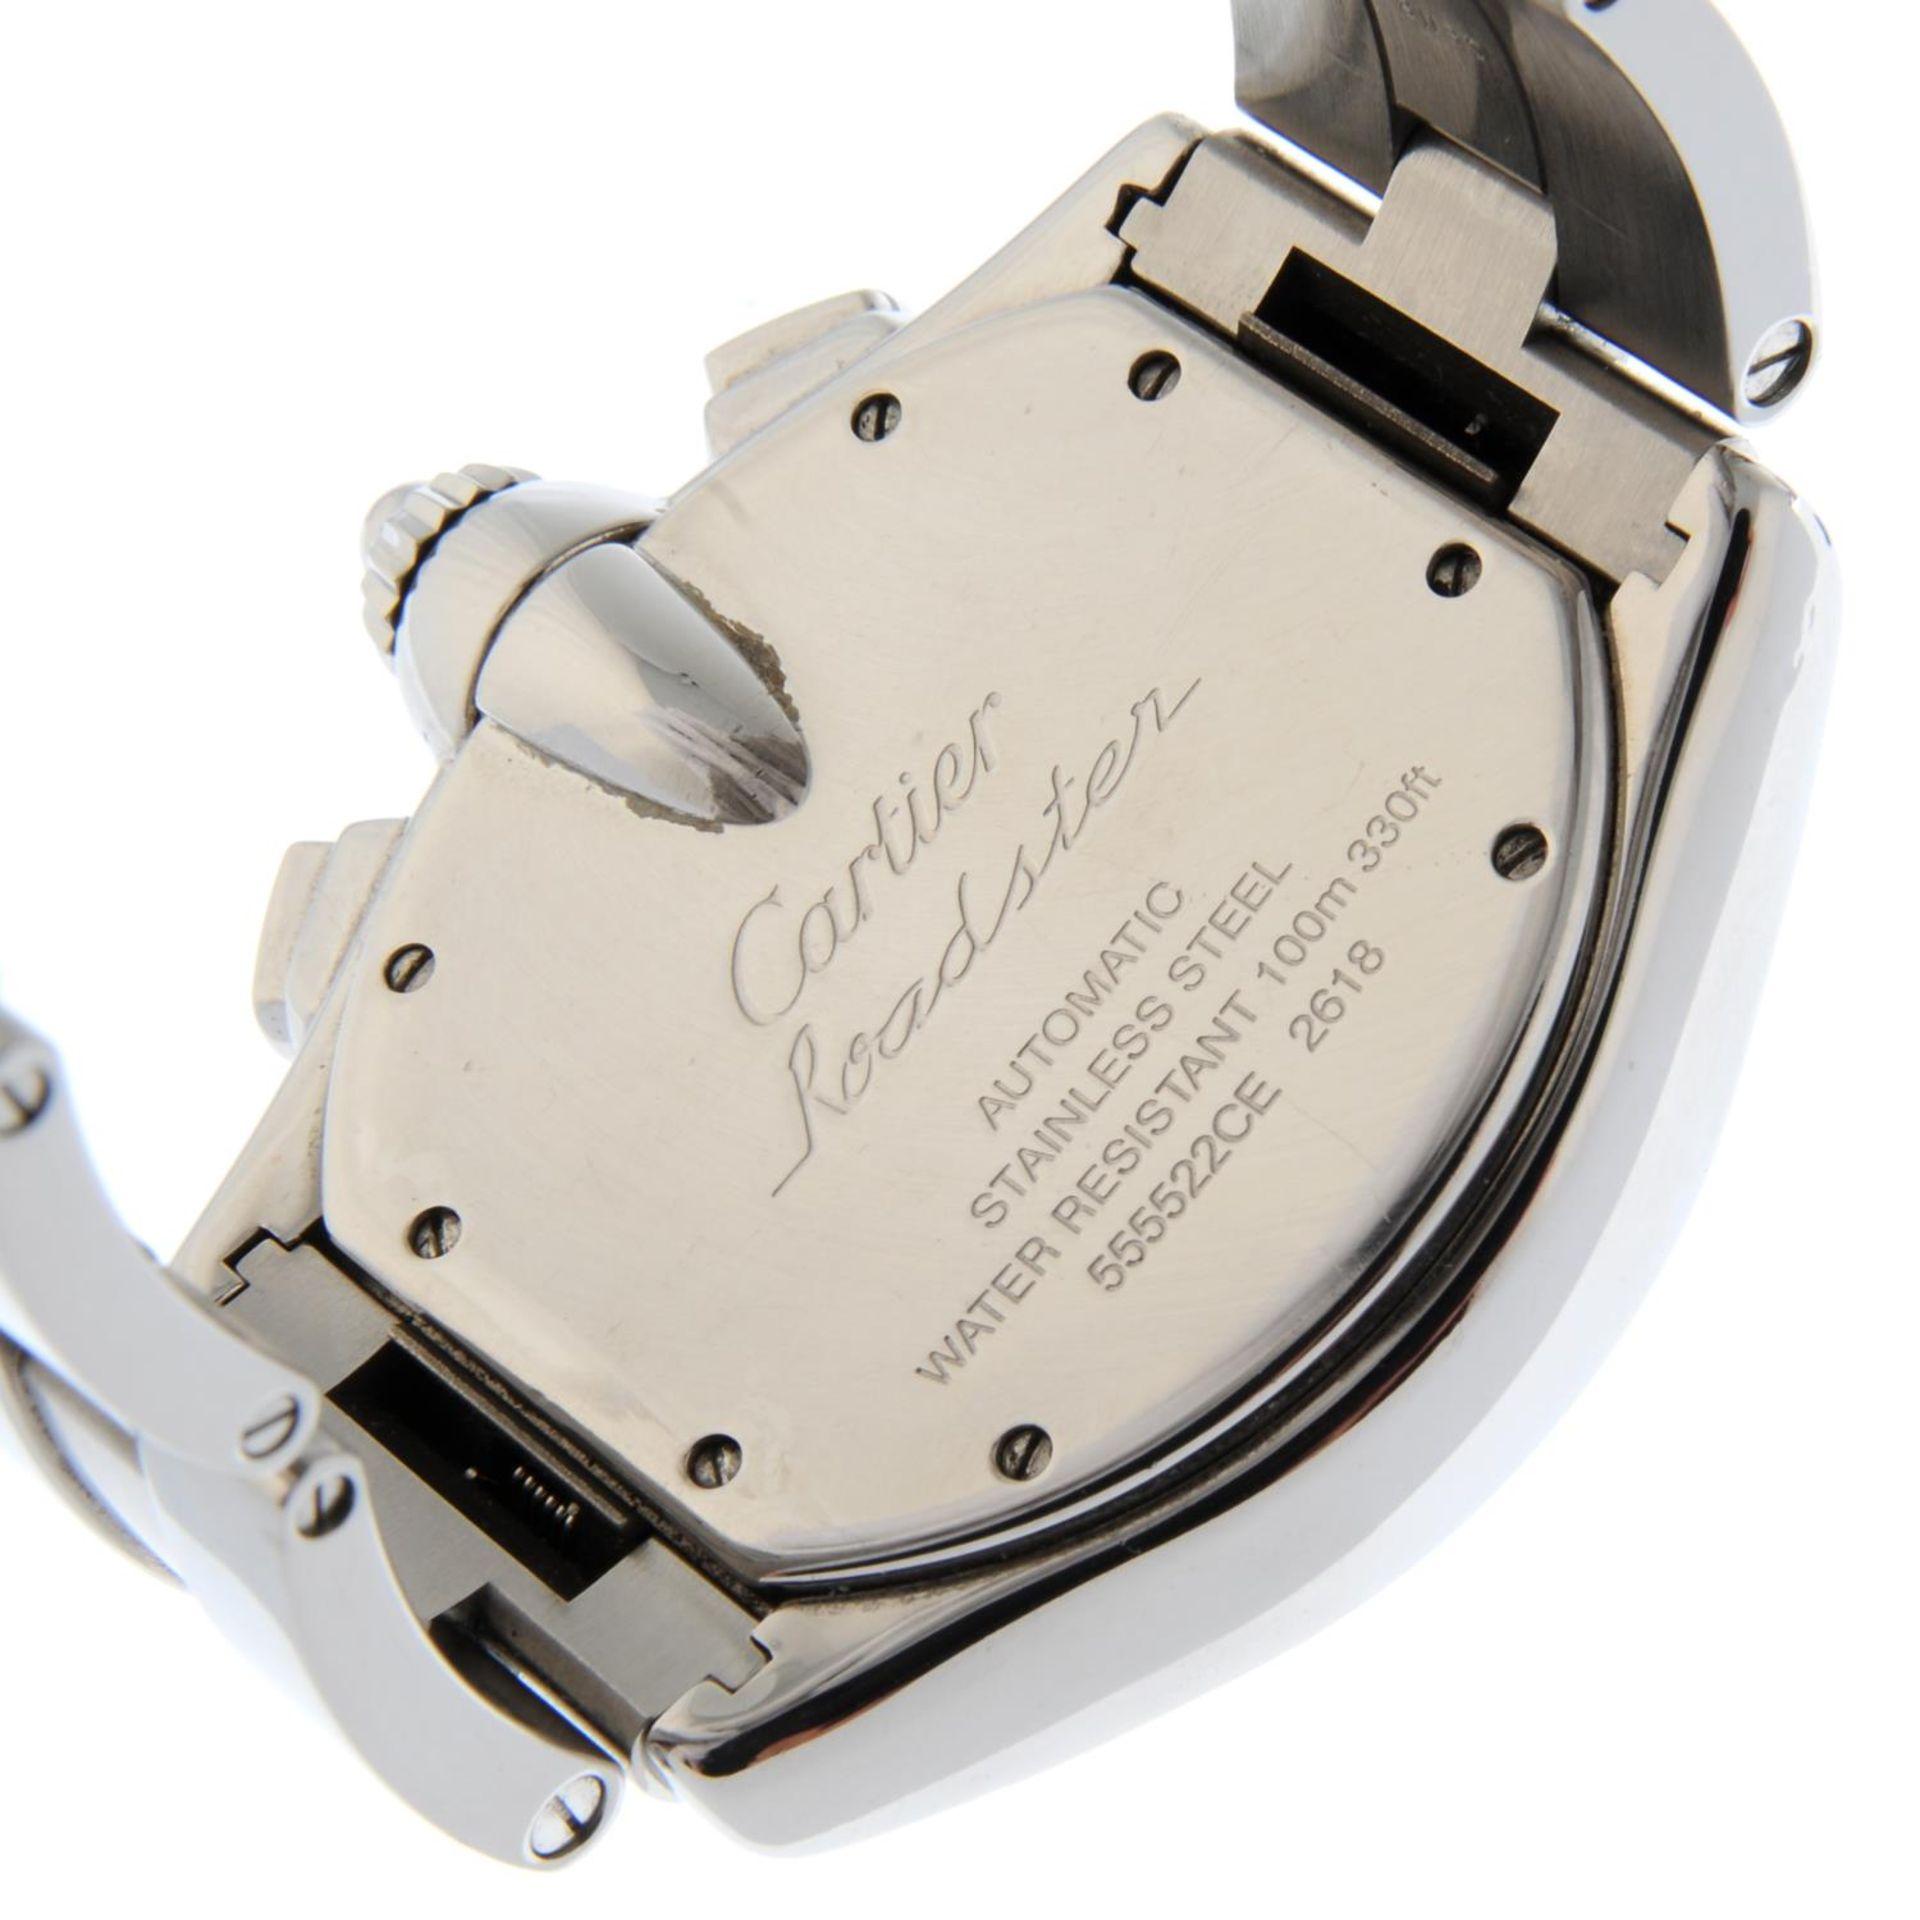 CARTIER - a Roadster XL chronograph bracelet watch. - Bild 5 aus 6